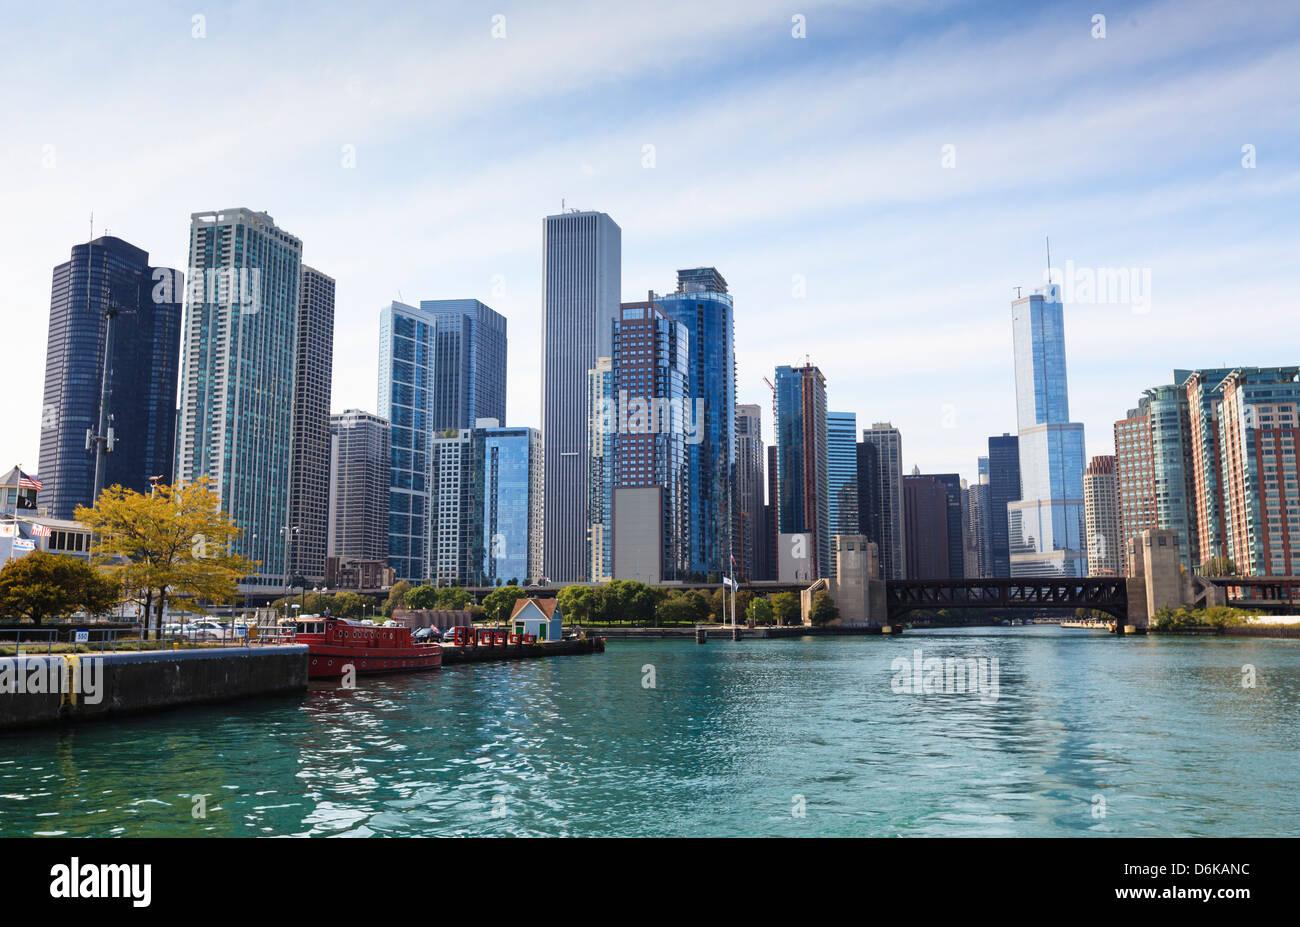 Skyline della città dal fiume Chicago, Chicago, Illinois, Stati Uniti d'America, America del Nord Immagini Stock